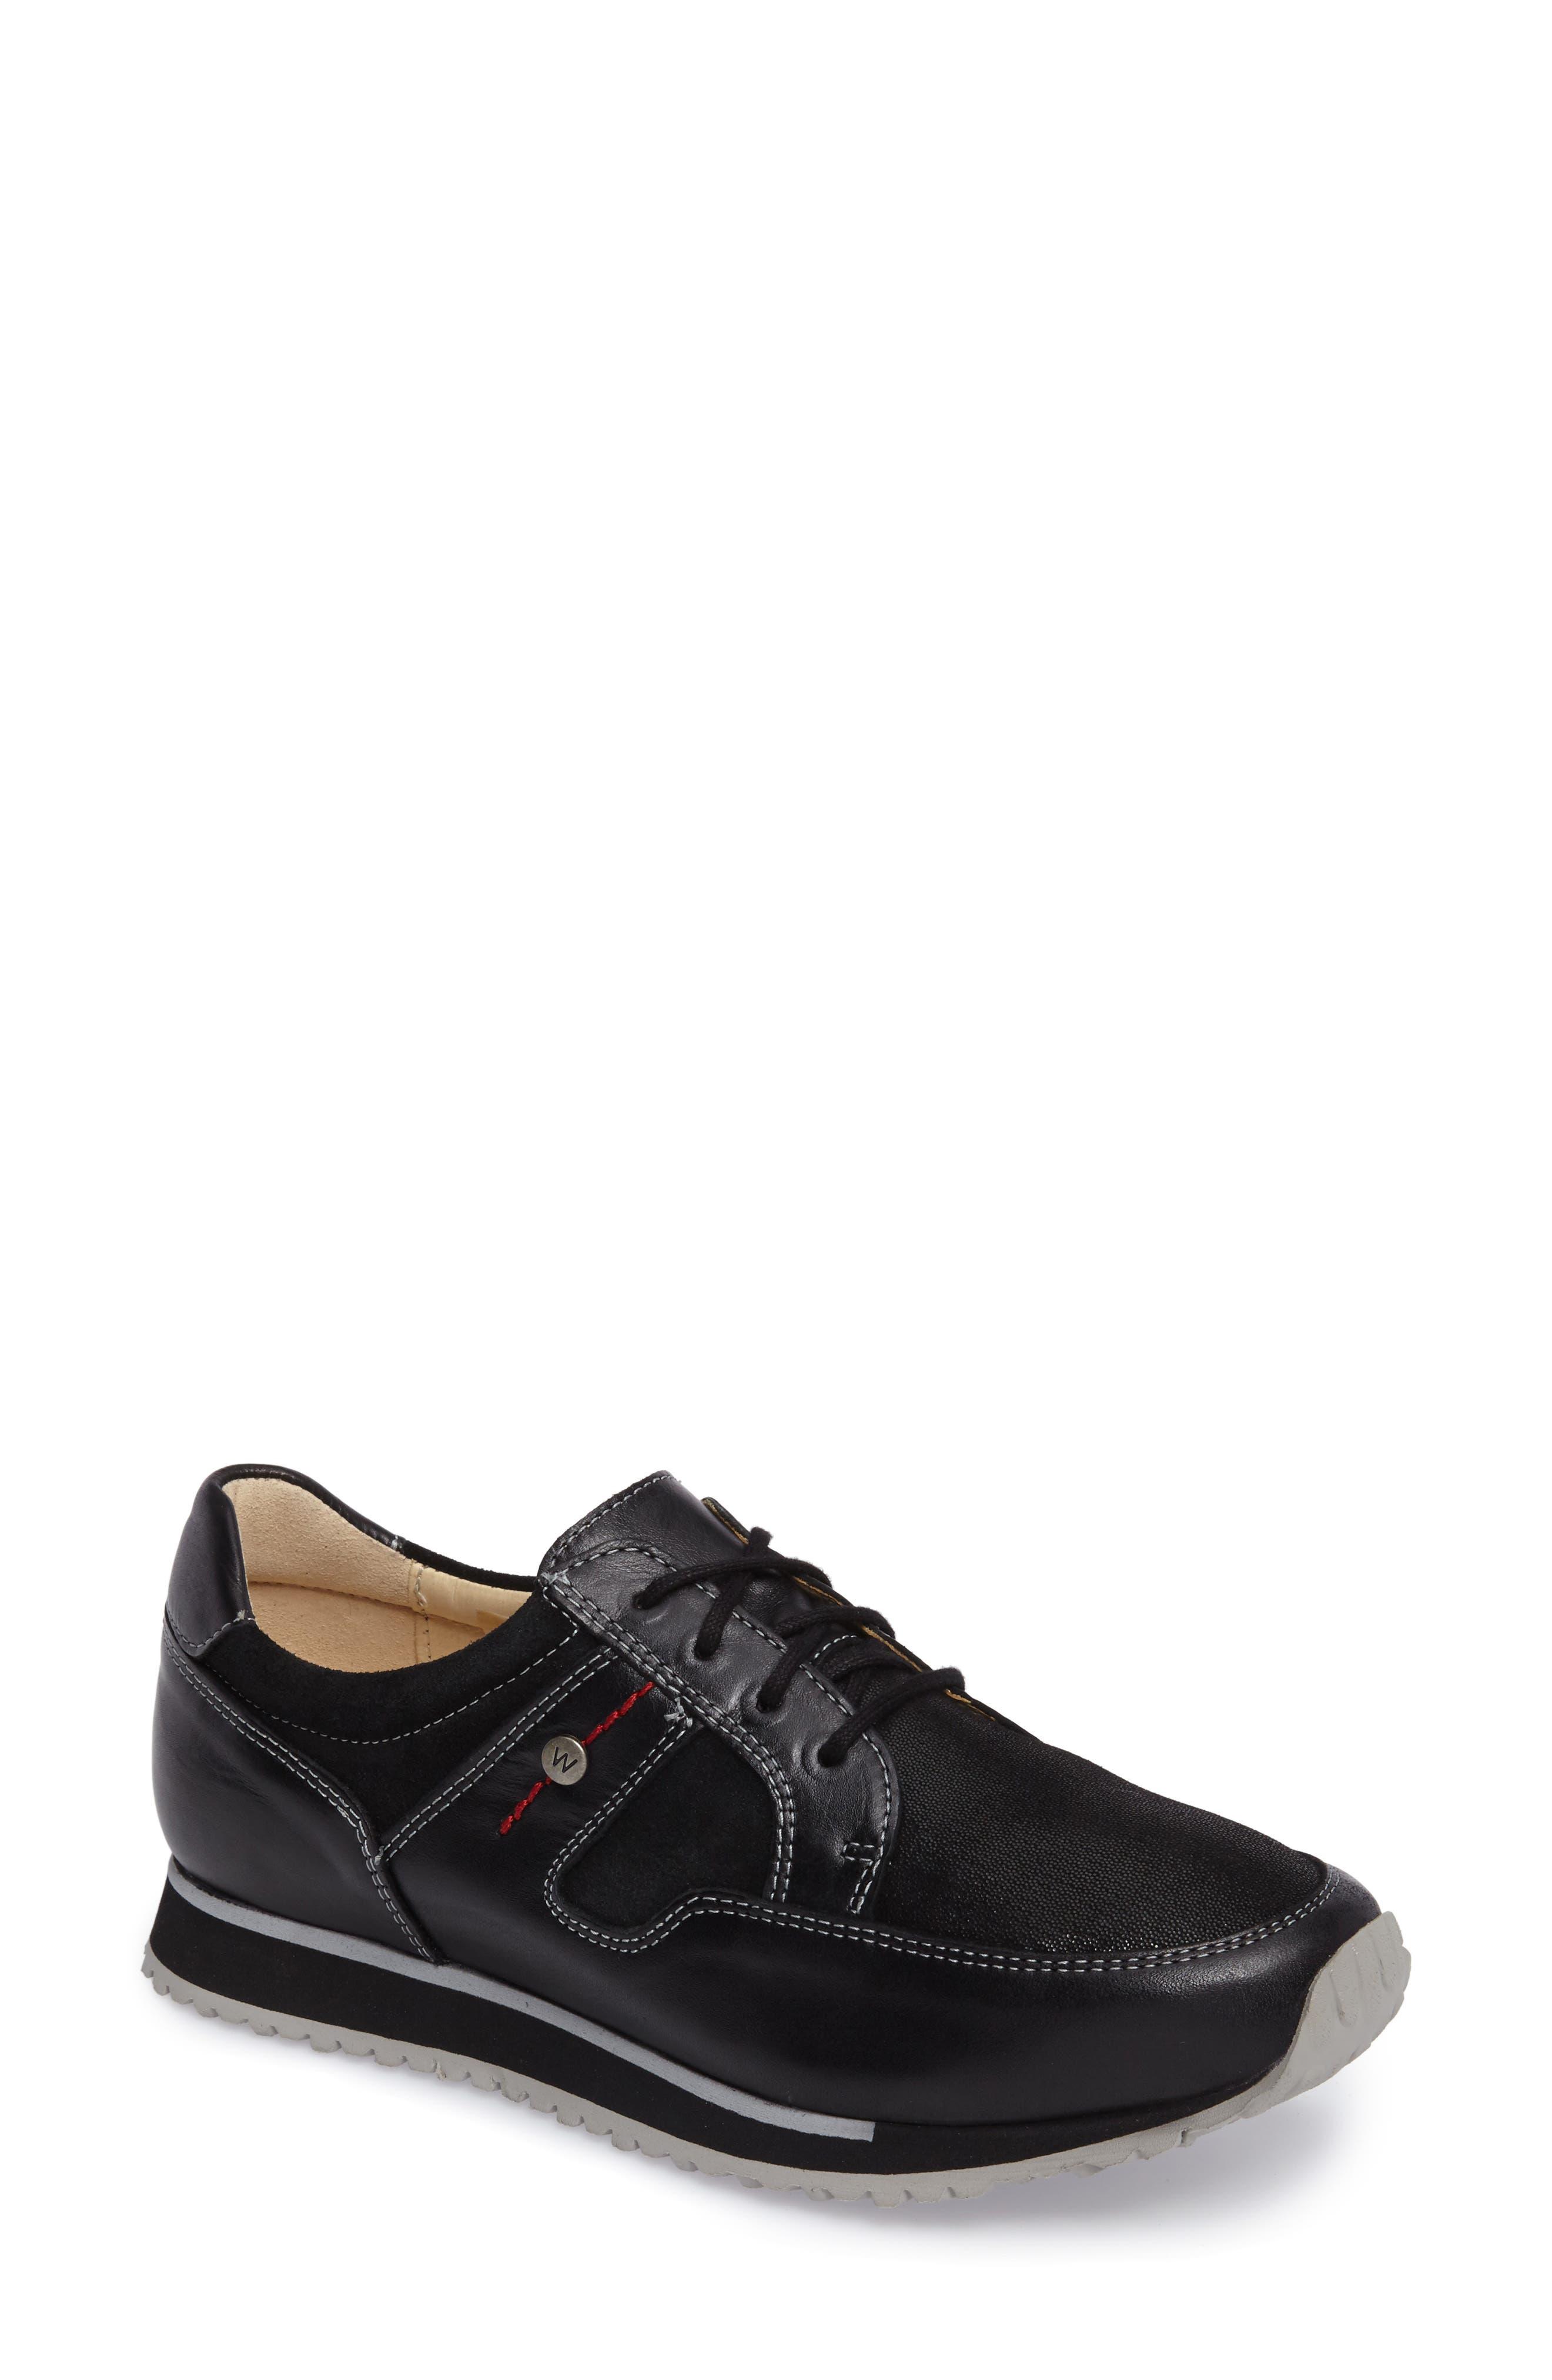 Alternate Image 1 Selected - Wolky E-Walk Sneaker (Women)